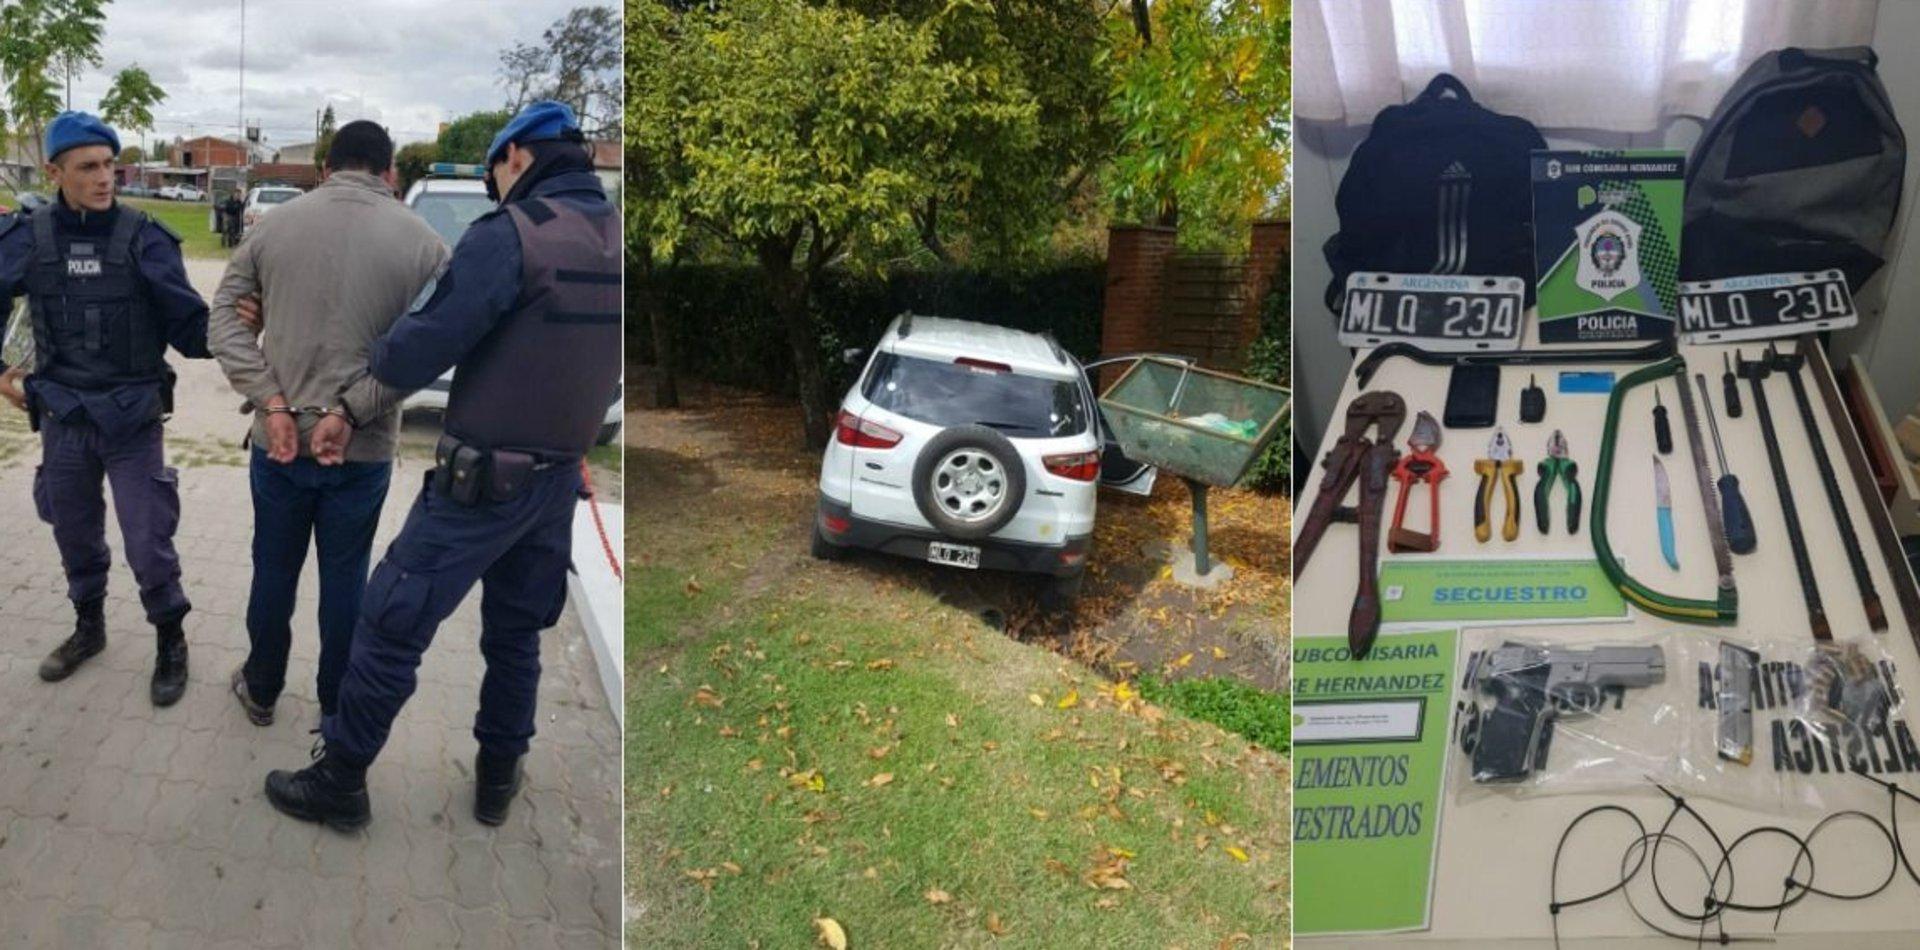 Viajabadel Conurbano a La Plata para robar,chocó tras evitar un control y lo atraparon